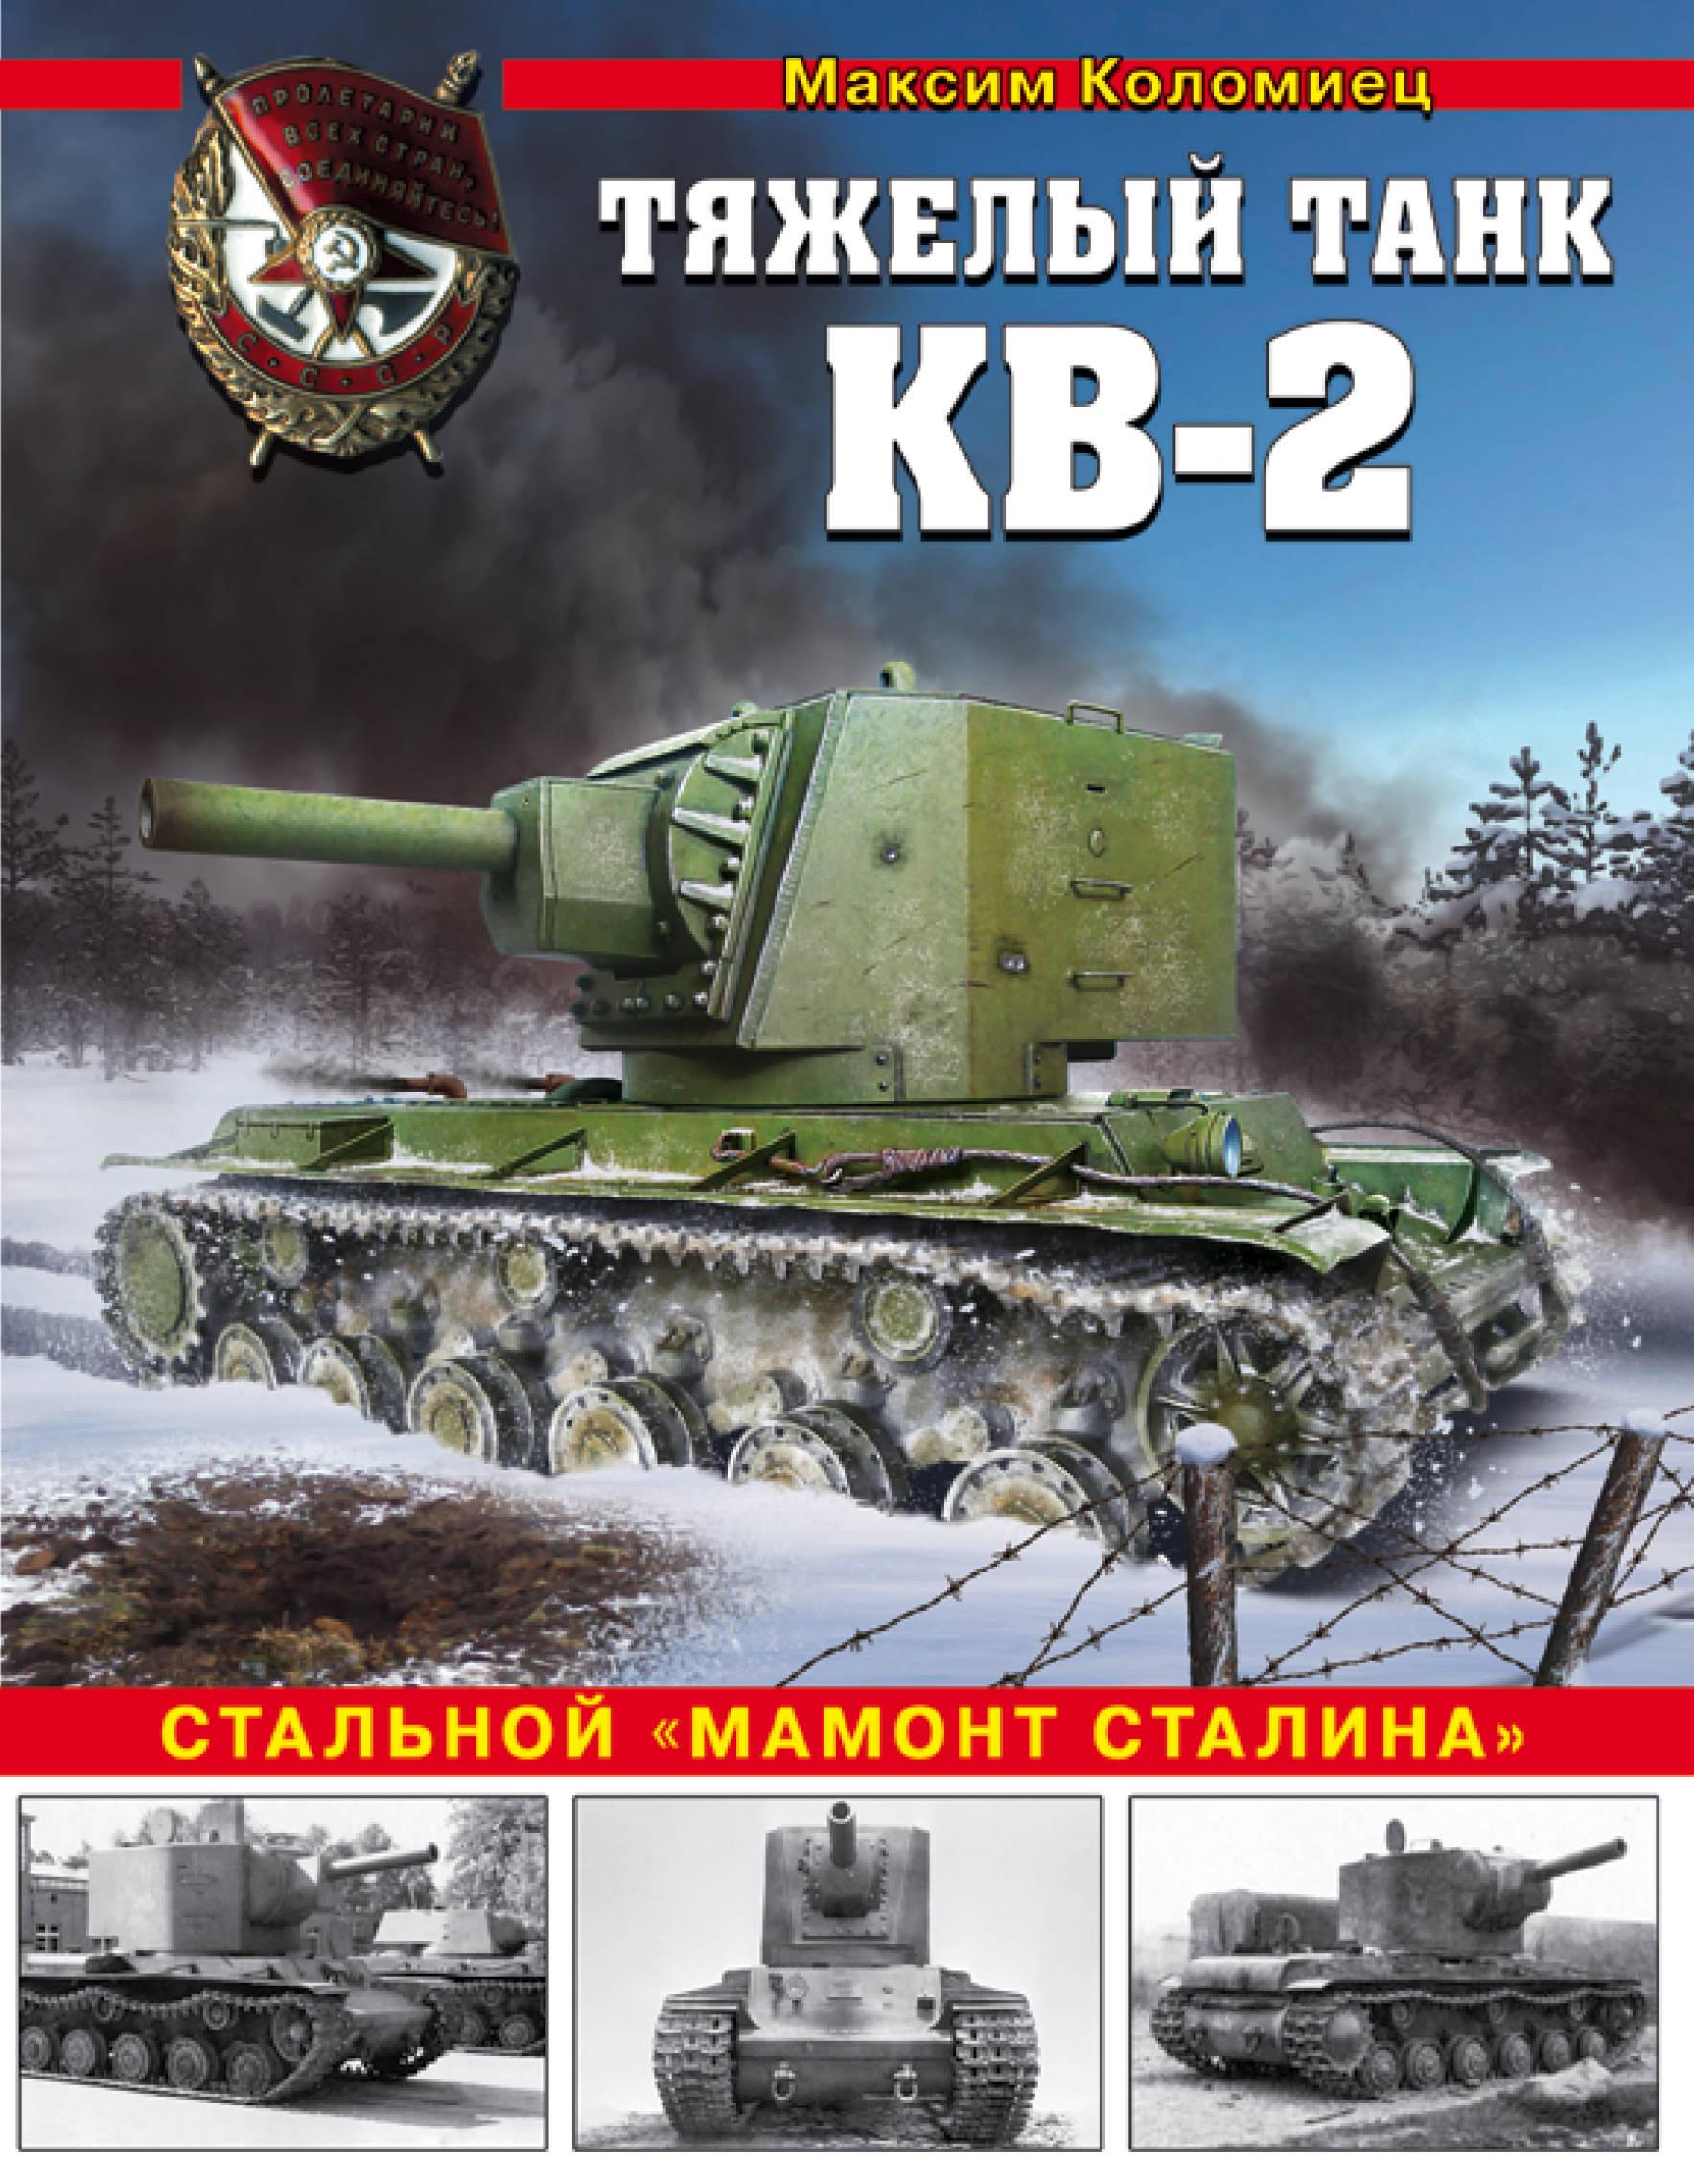 """Tjazhelyj tank KV-2. Stalnoj """"mamont Stalina"""""""